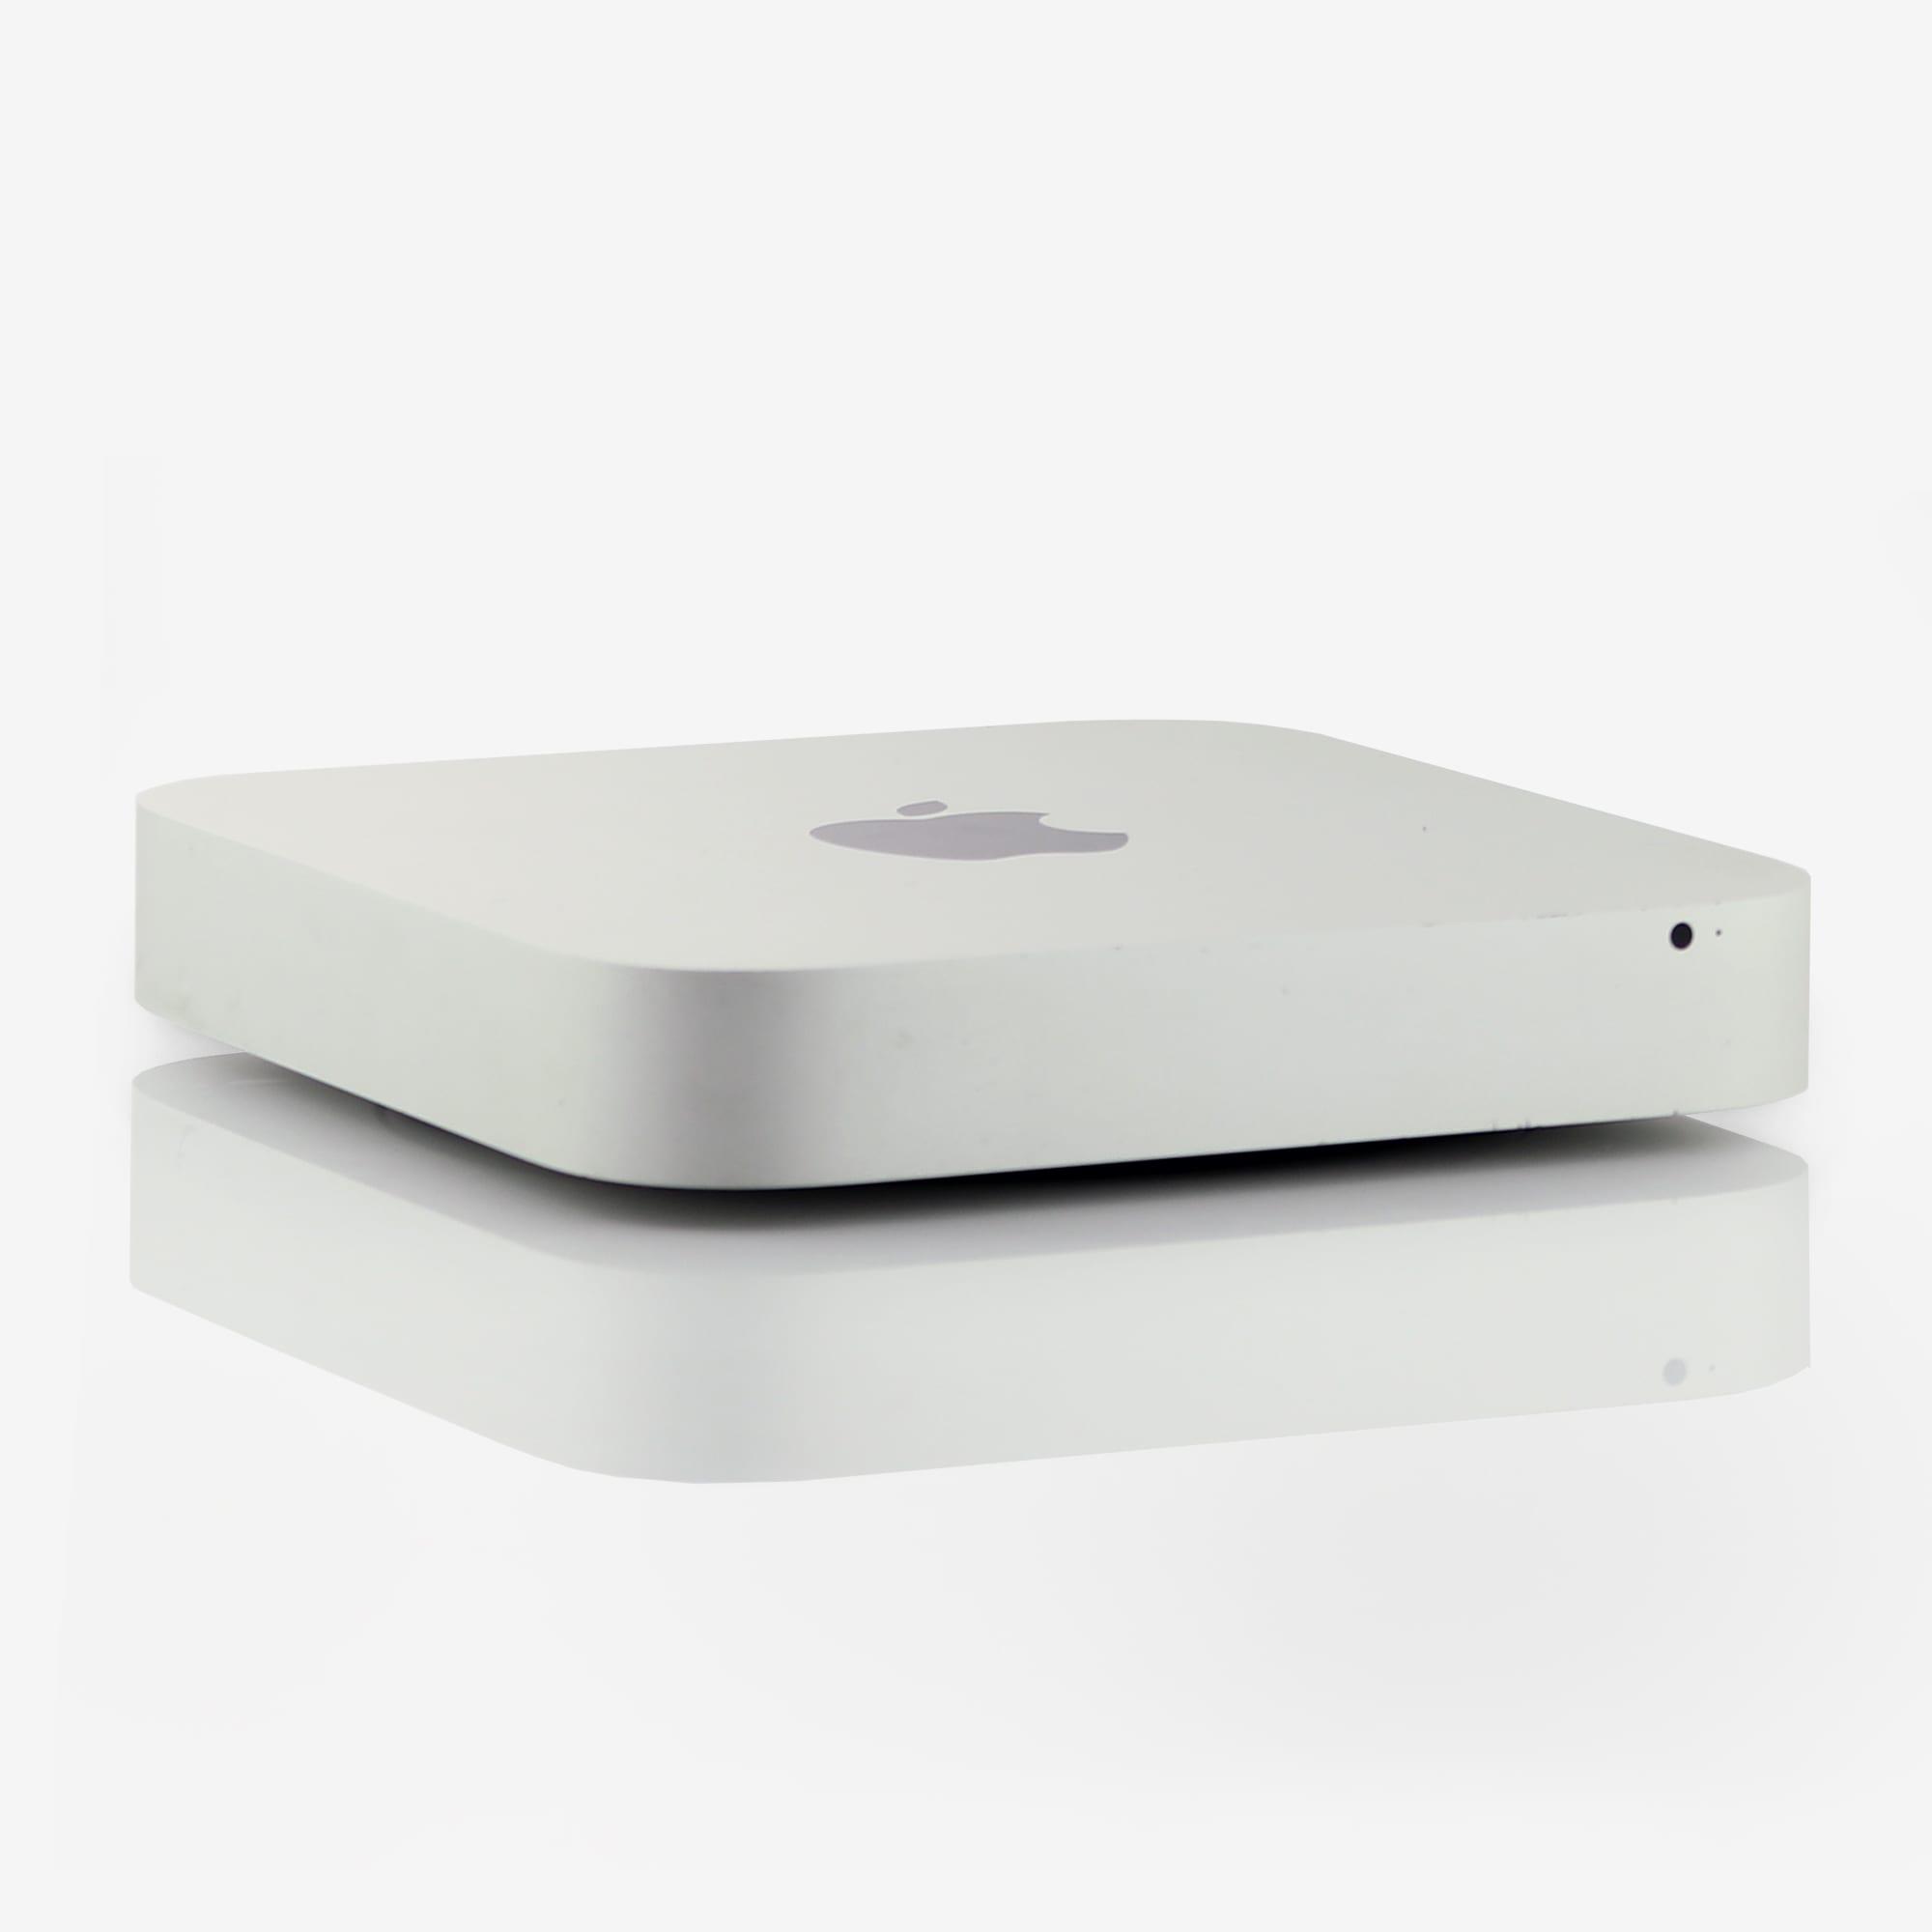 1 x Apple Mac Mini Quad-Core i7 2.60 GHz (2012)